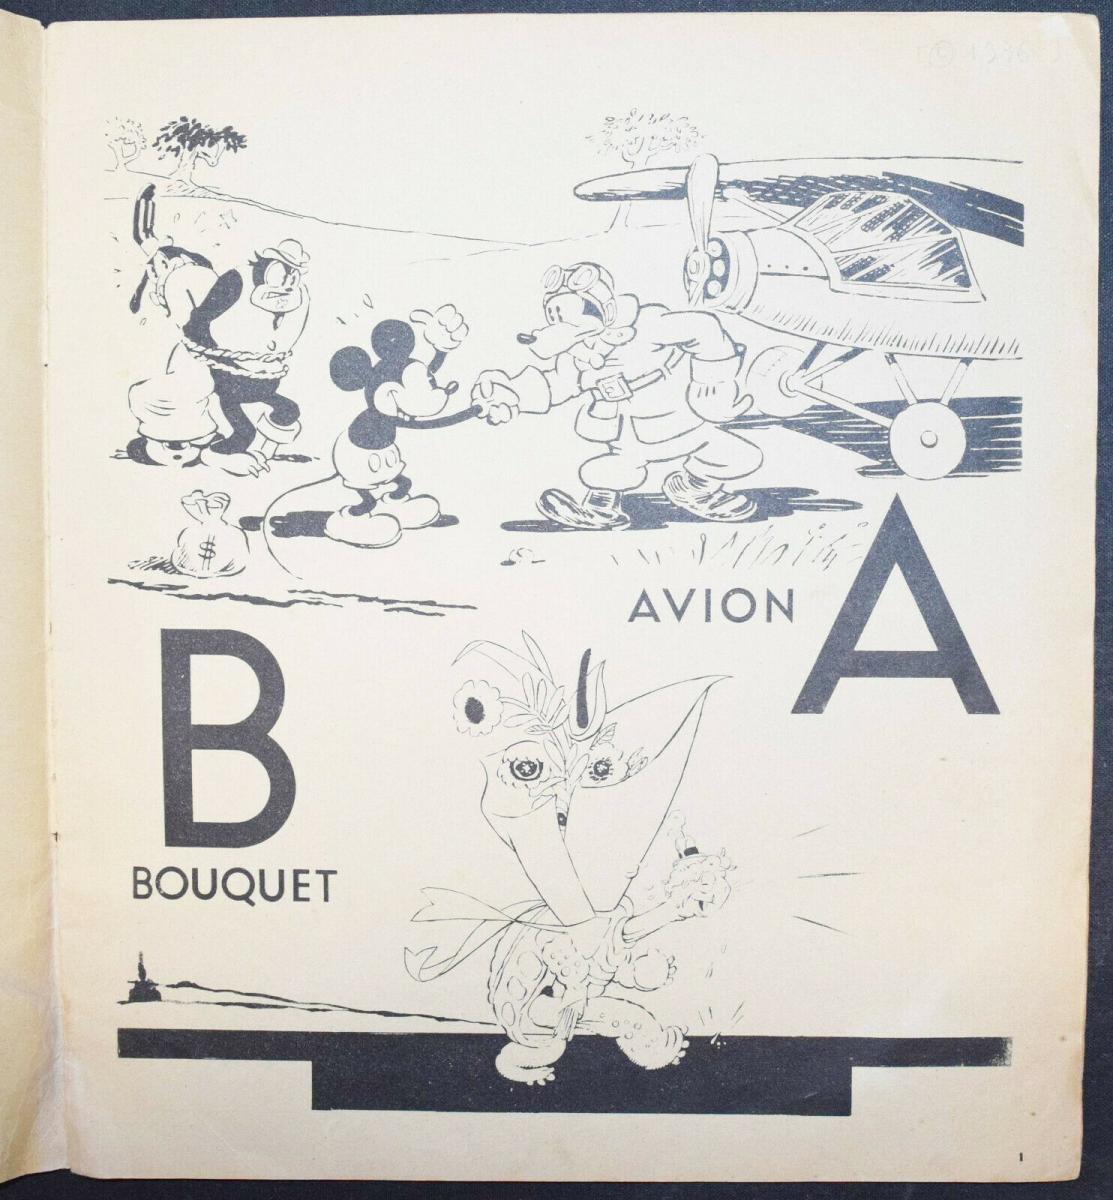 WALT DISNEY - L' ALPHABET DE MICKEY - ERSTAUSGABE 1936 - MICKY MAUS - ABC-BUCH 1